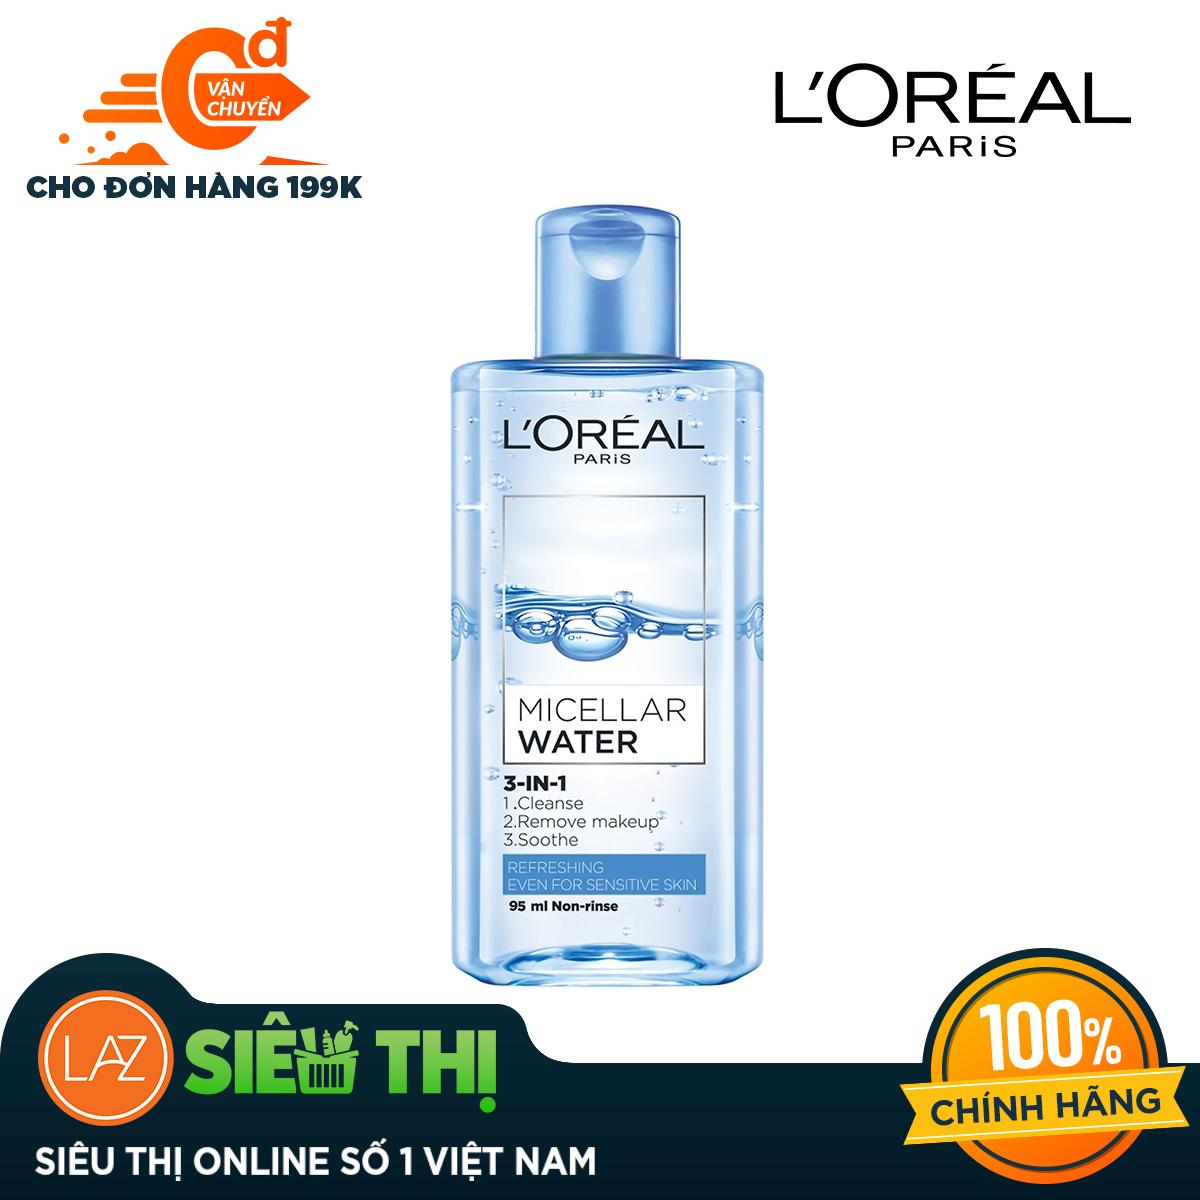 [Siêu thị Lazada] - Nước Tẩy Trang LOreal Paris 3-in-1 Micellar Water (95ml) - Phù hợp với da dầu và hỗn hợp